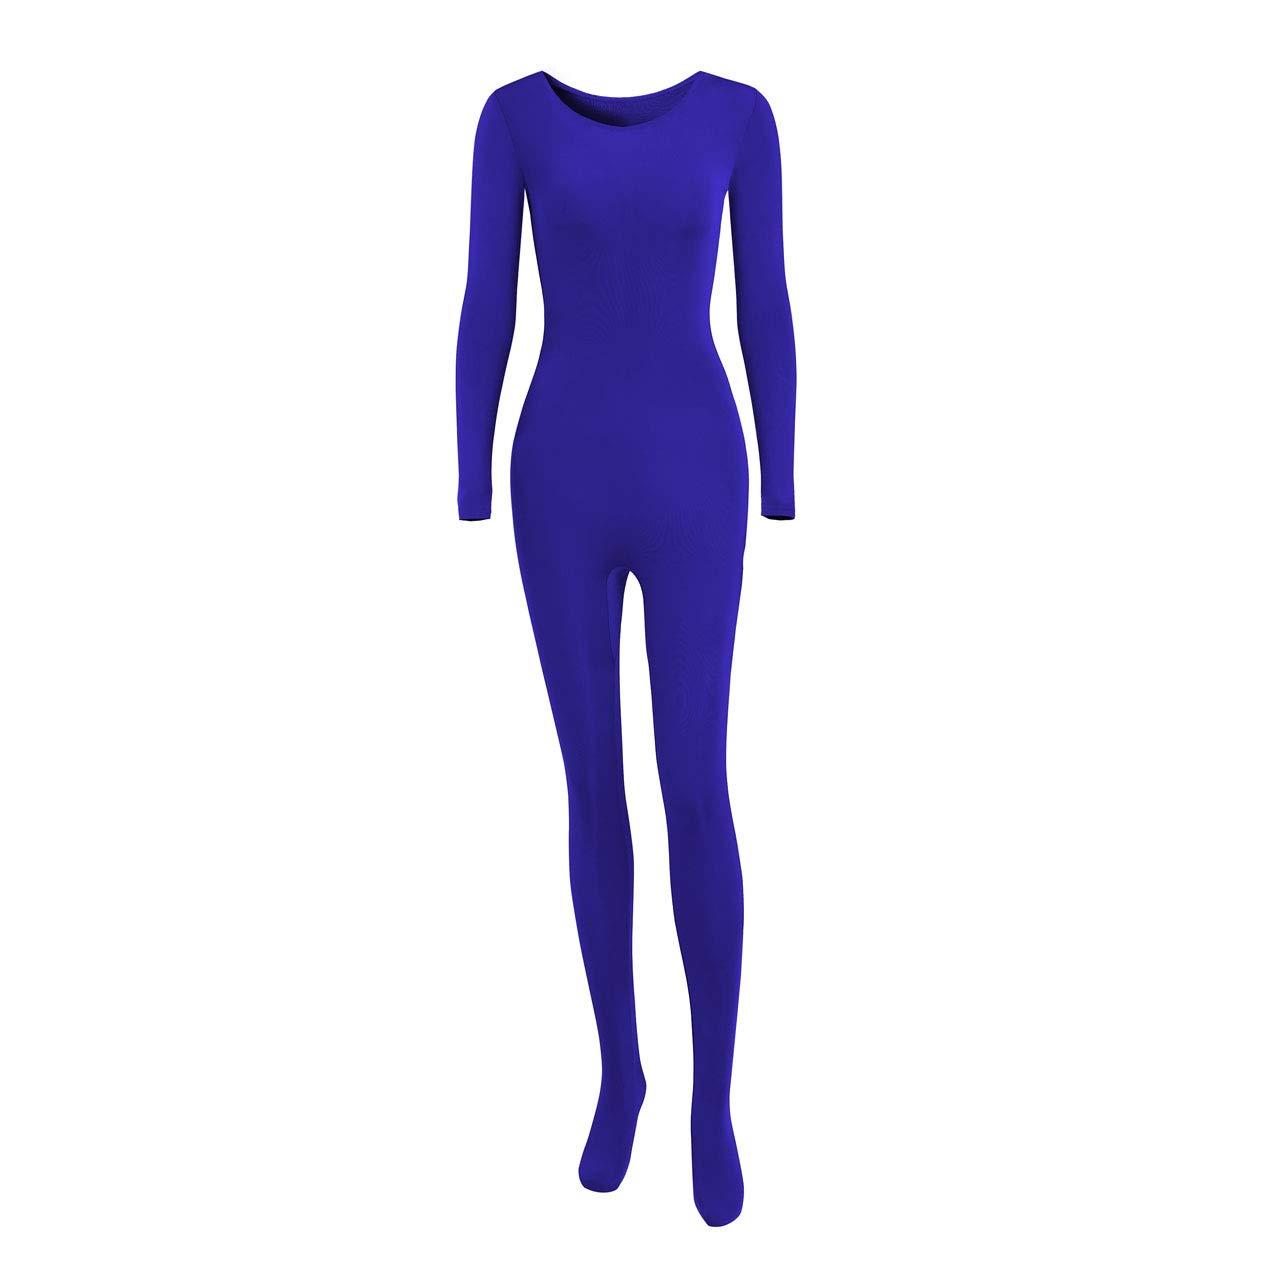 Nouveau avec Pied SUPRNOWA Unisexe Encolure d/égag/ée Lycra Spandex Manches Longues Unitard XL, Bleu Royal